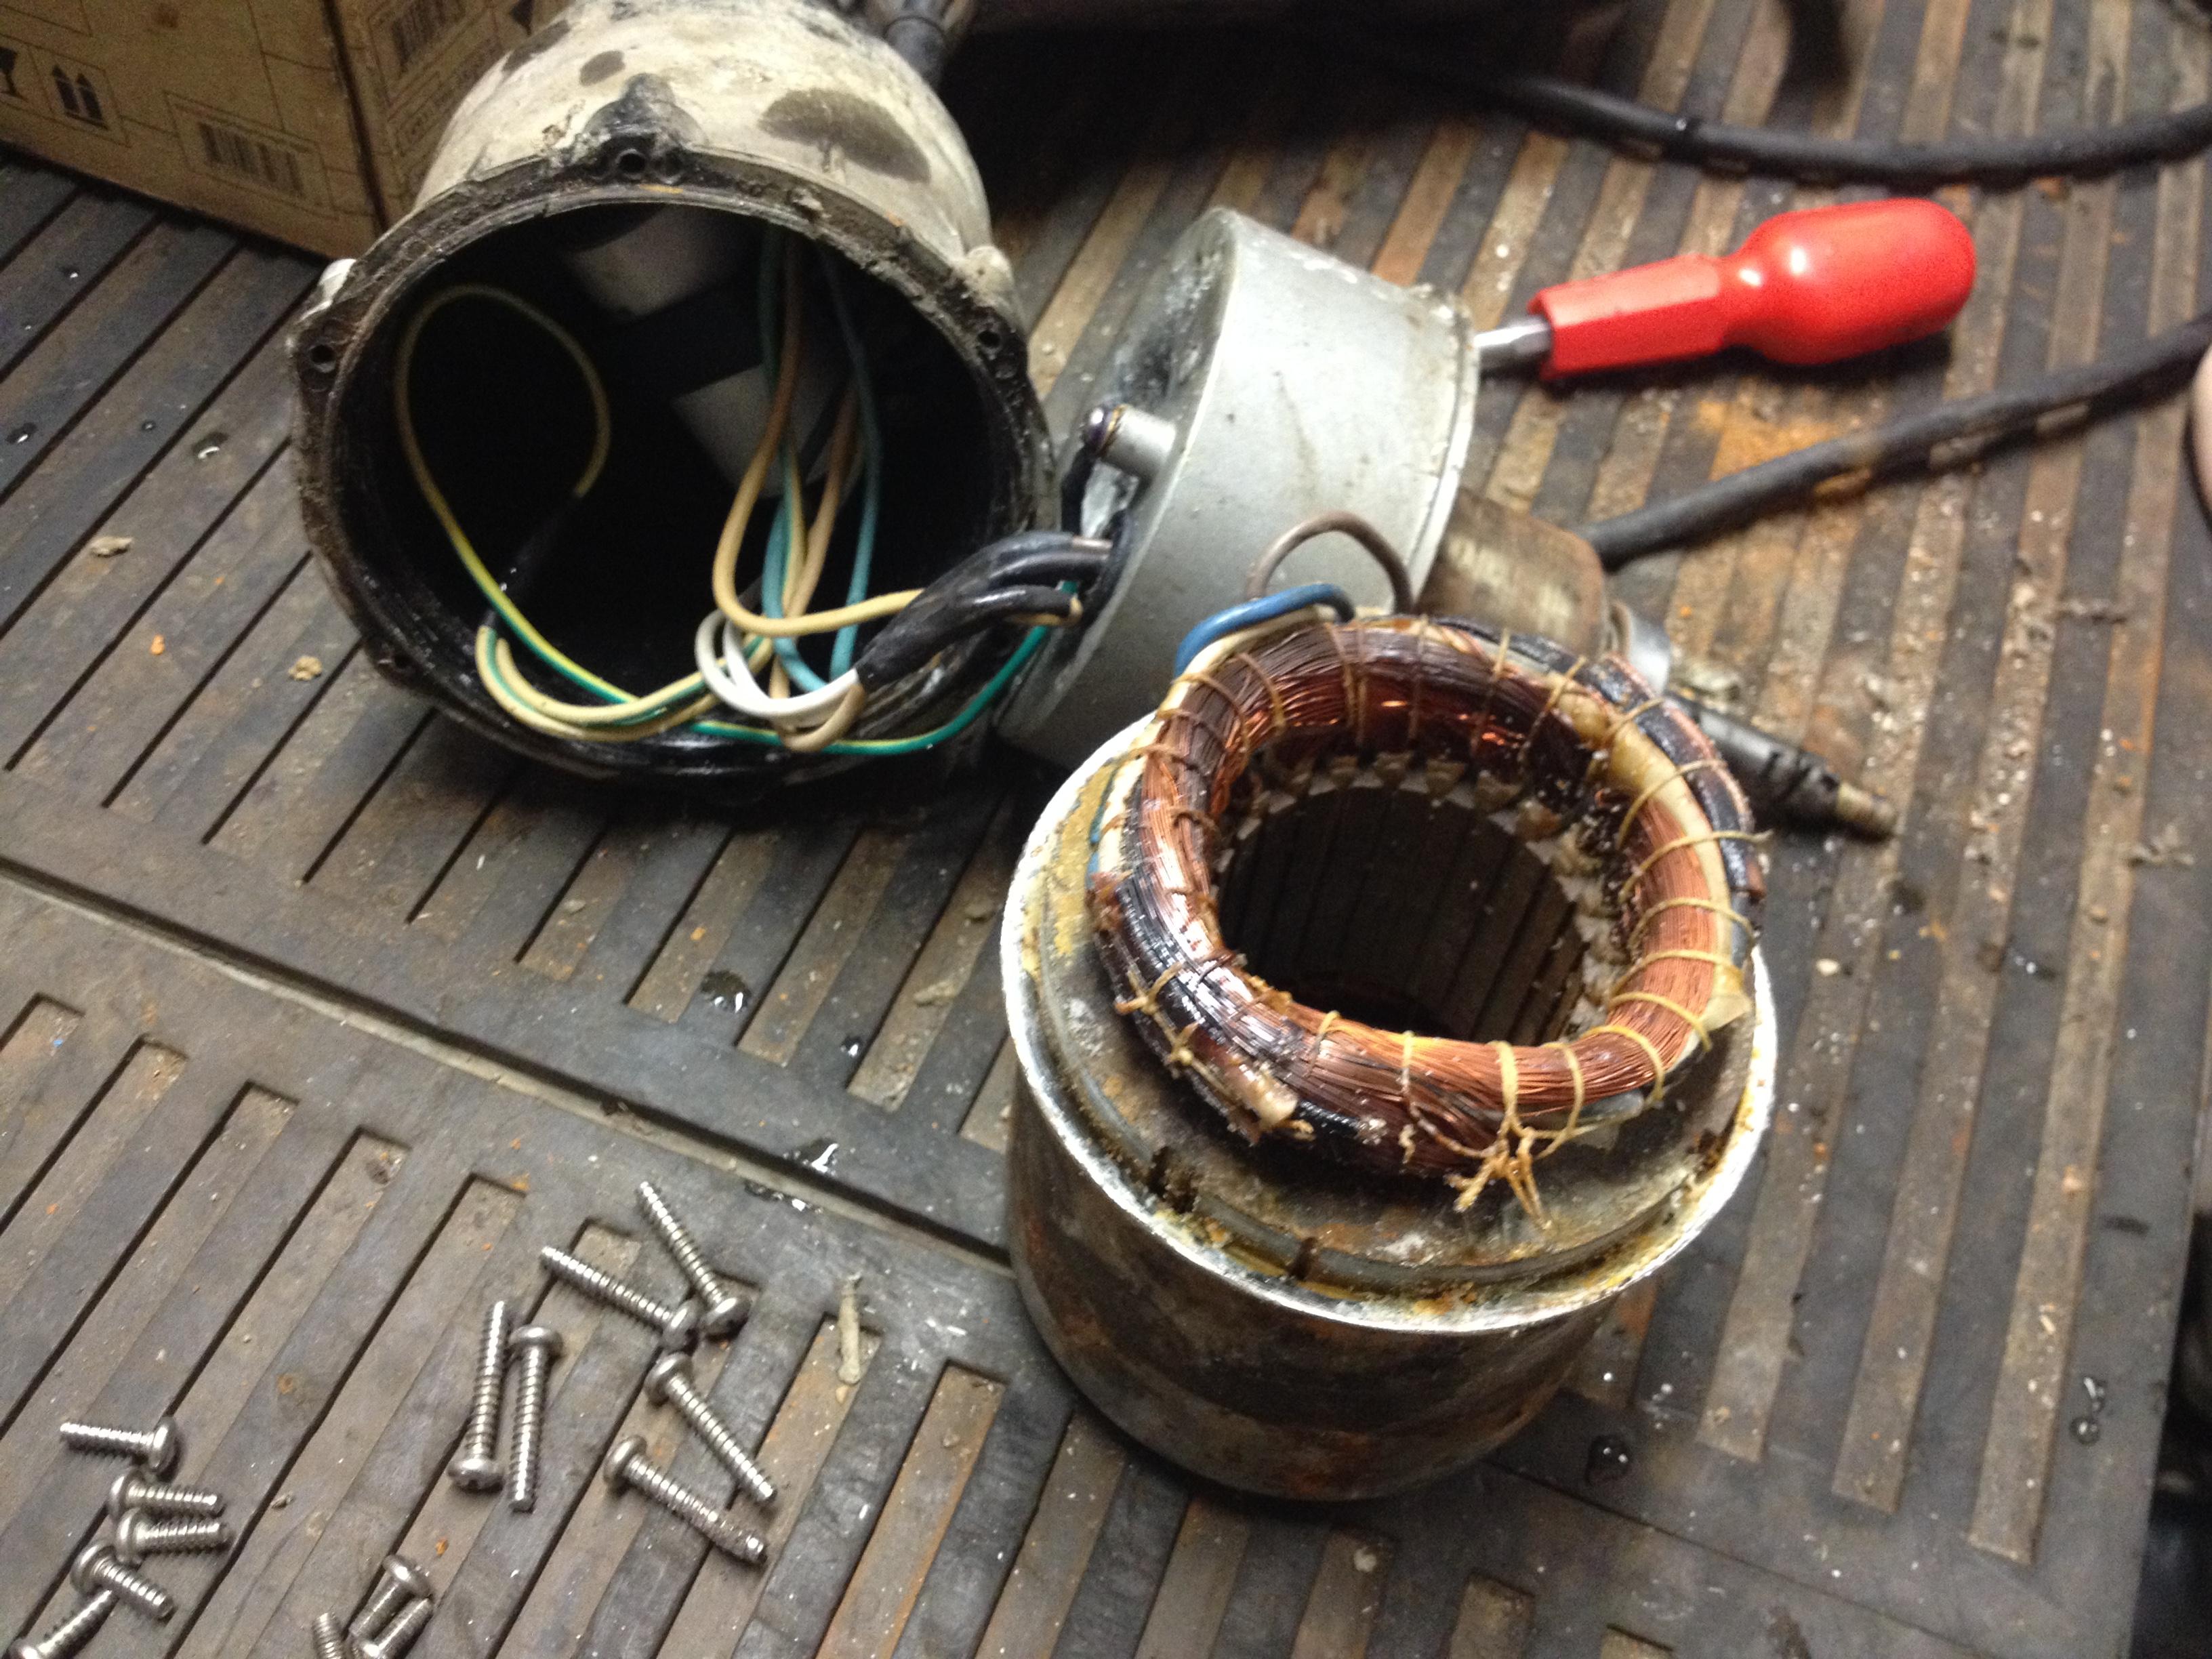 Сгорел двигатель дренажного насоса